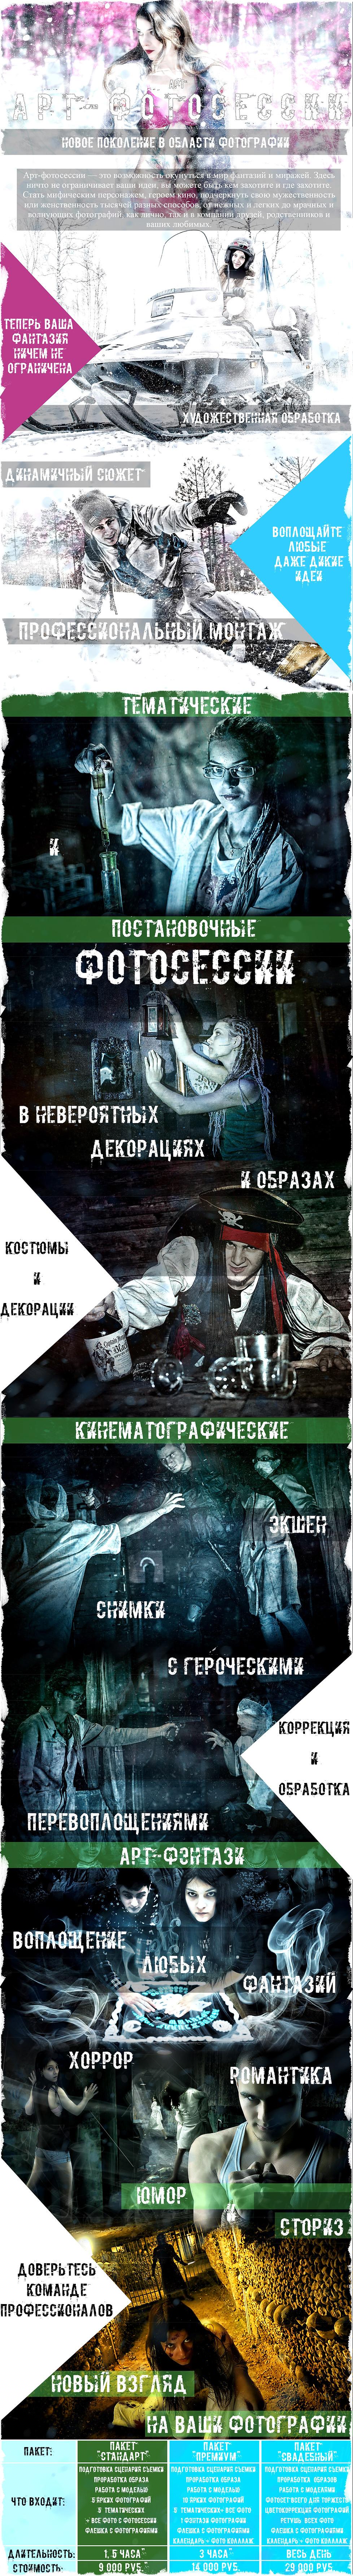 Фотограф иркутск, Фотосессия Иркутск